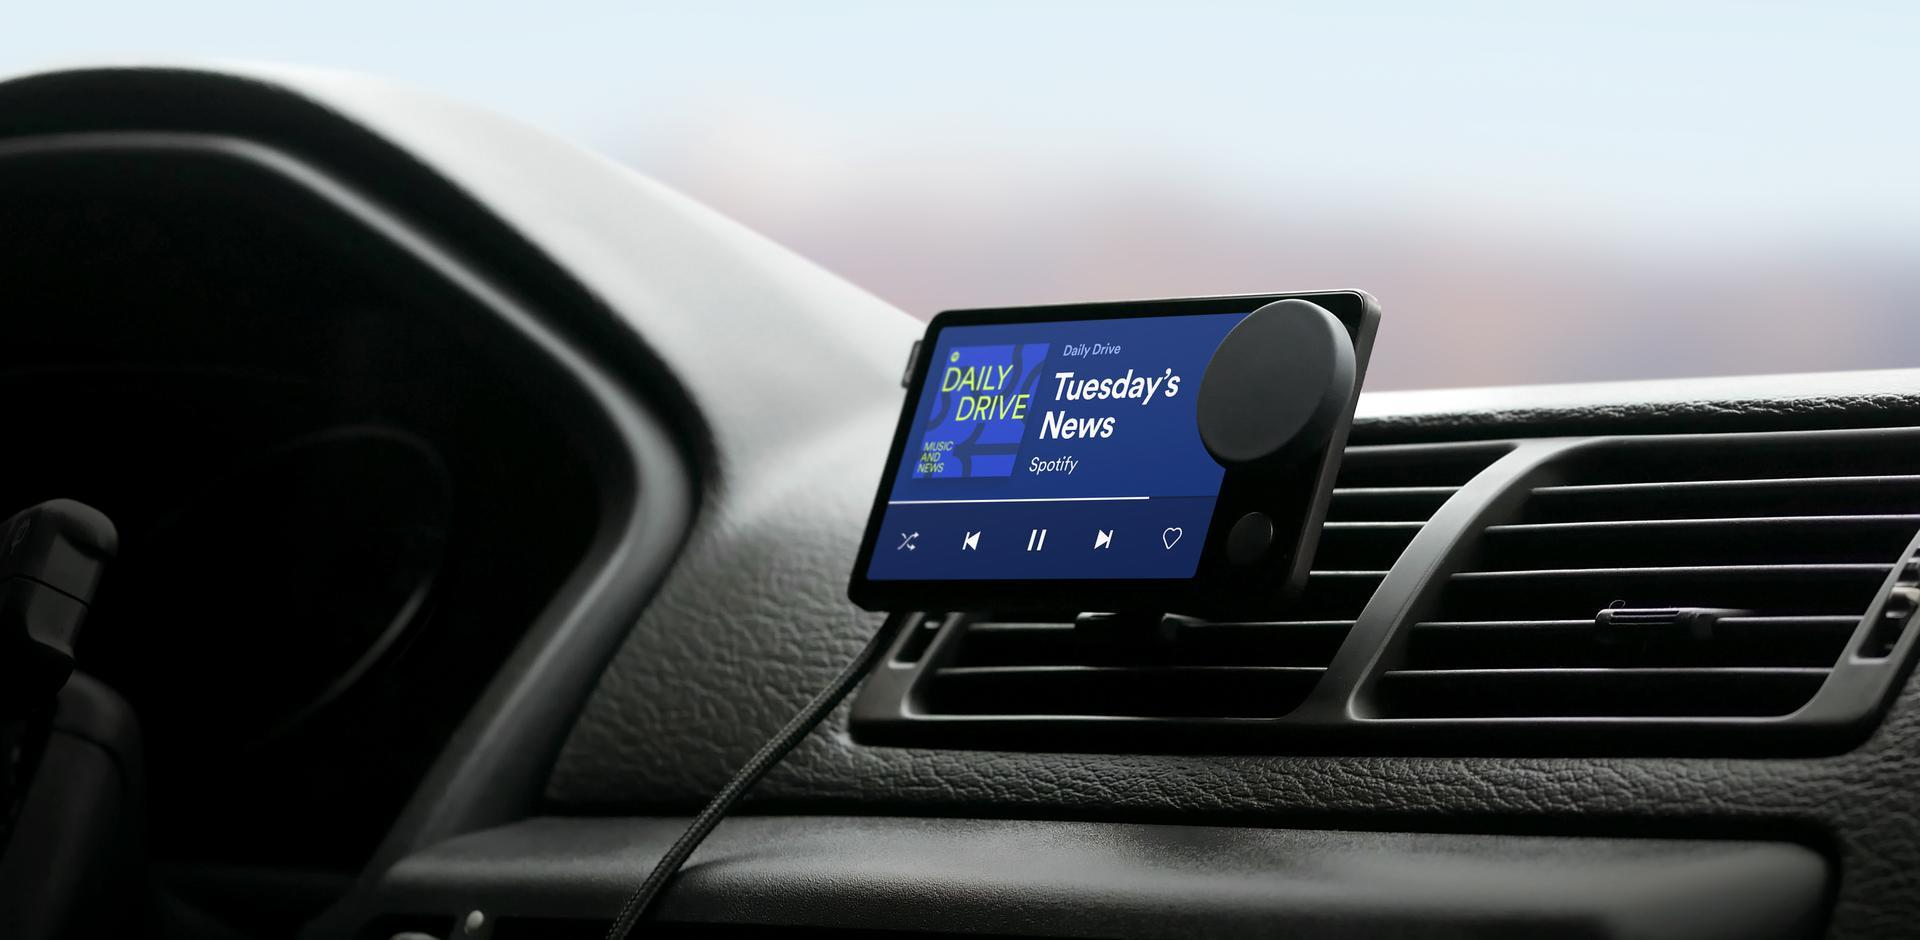 Mesmo caro e difícil de instalar, Spotify garante que seu dispositivo torna a escolha de músicas e podcasts ao volante muito mais fácil